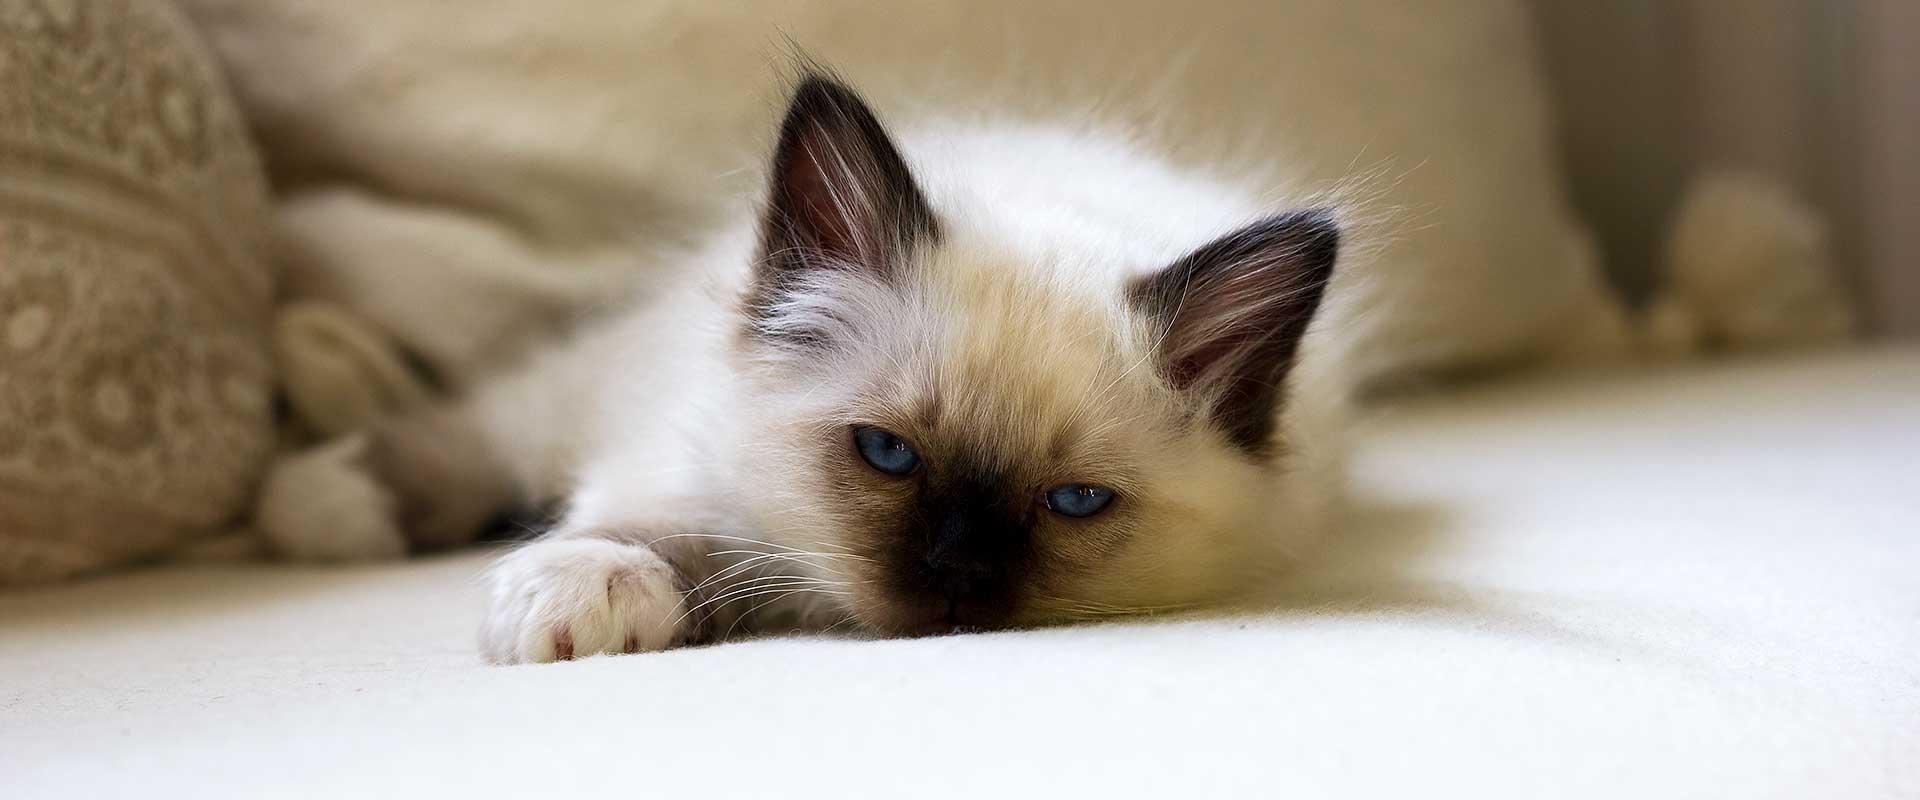 Kattungeförmedling